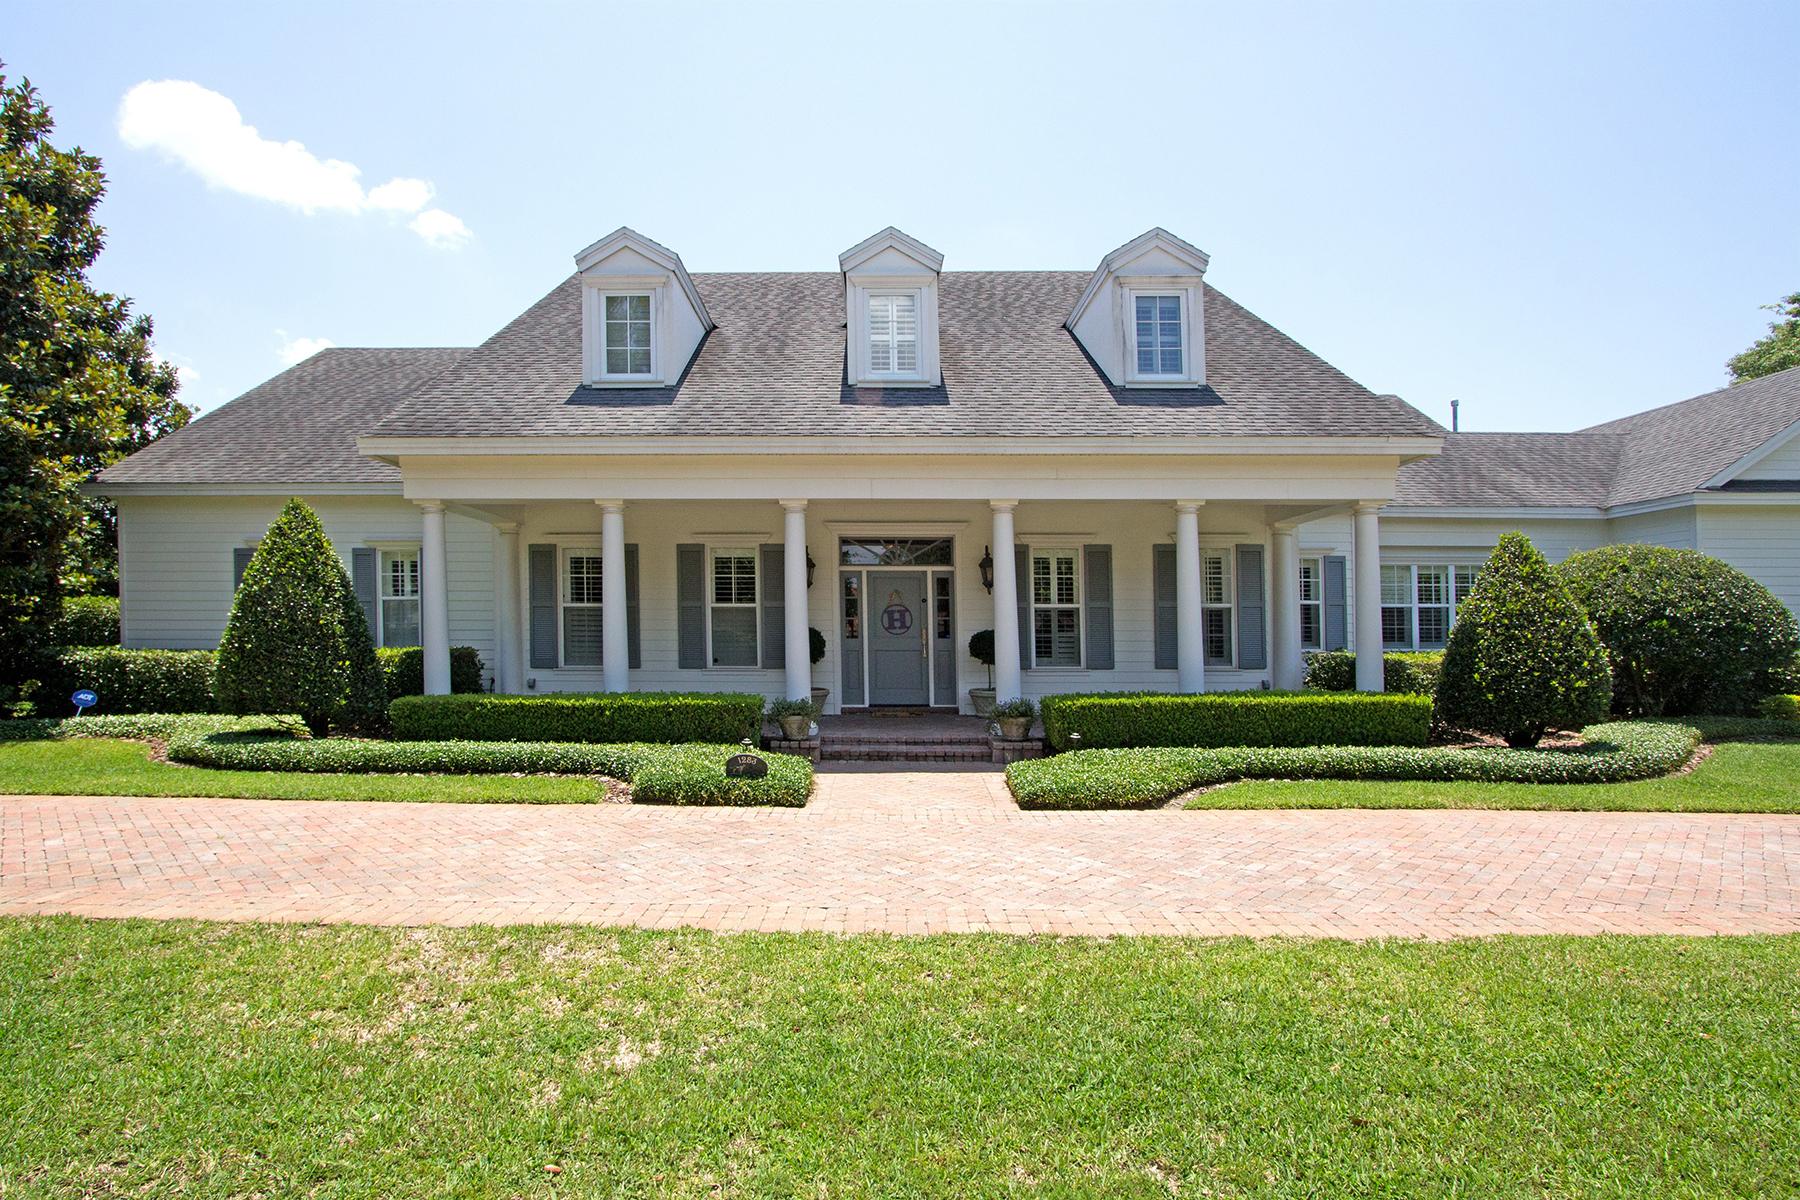 Villa per Vendita alle ore 1283 Preserve Point Dr , Winter Park, FL 32789 1283 Preserve Point Dr Winter Park, Florida, 32789 Stati Uniti